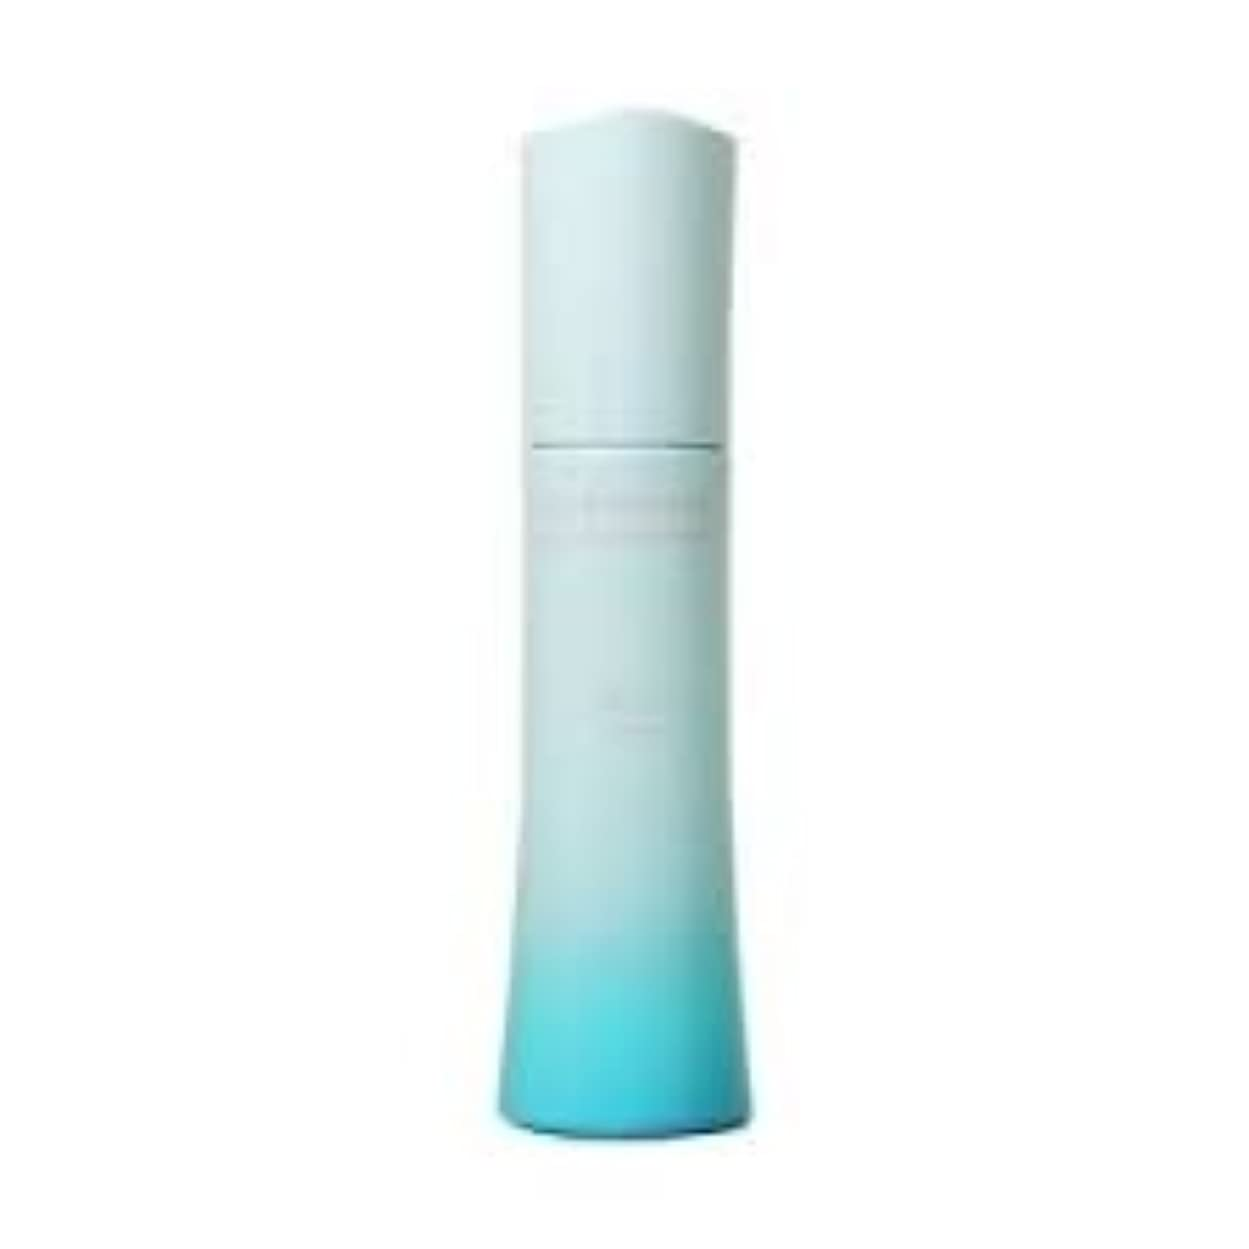 誘発するバラエティ定期的トワニー ピュアナチュラル エマルジョンホワイトニング 80ml 美白乳液